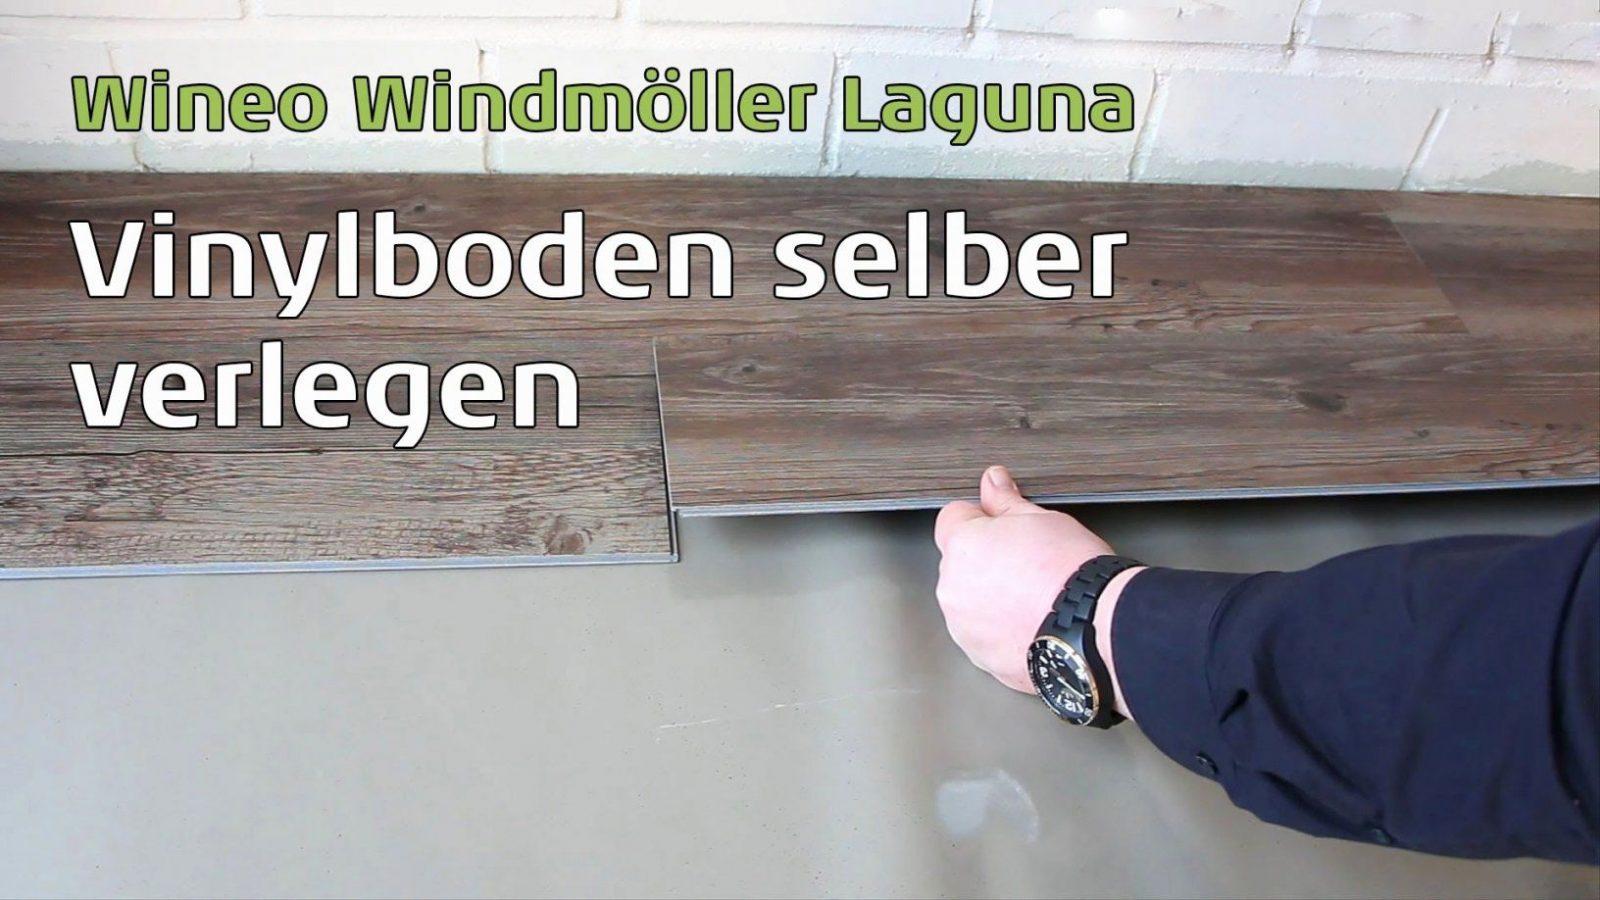 Pvc Auf Fliesen Verlegen Anleitung Luxus Vinyl Laminat Verkleben von Vinyl Fliesen Verlegen Anleitung Bild